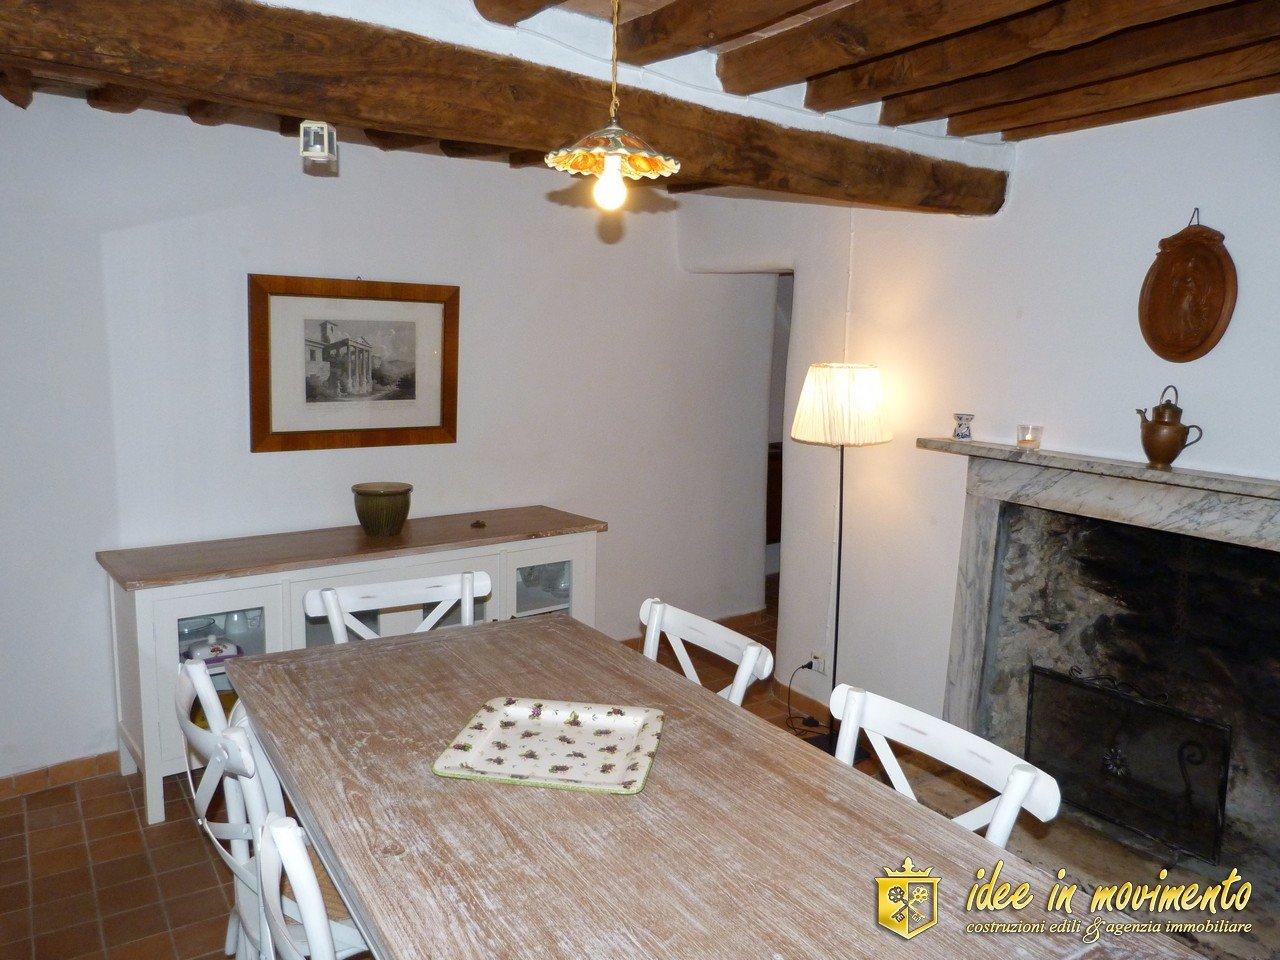 Terratetto in affitto vacanze a Bergiola Maggiore, Massa